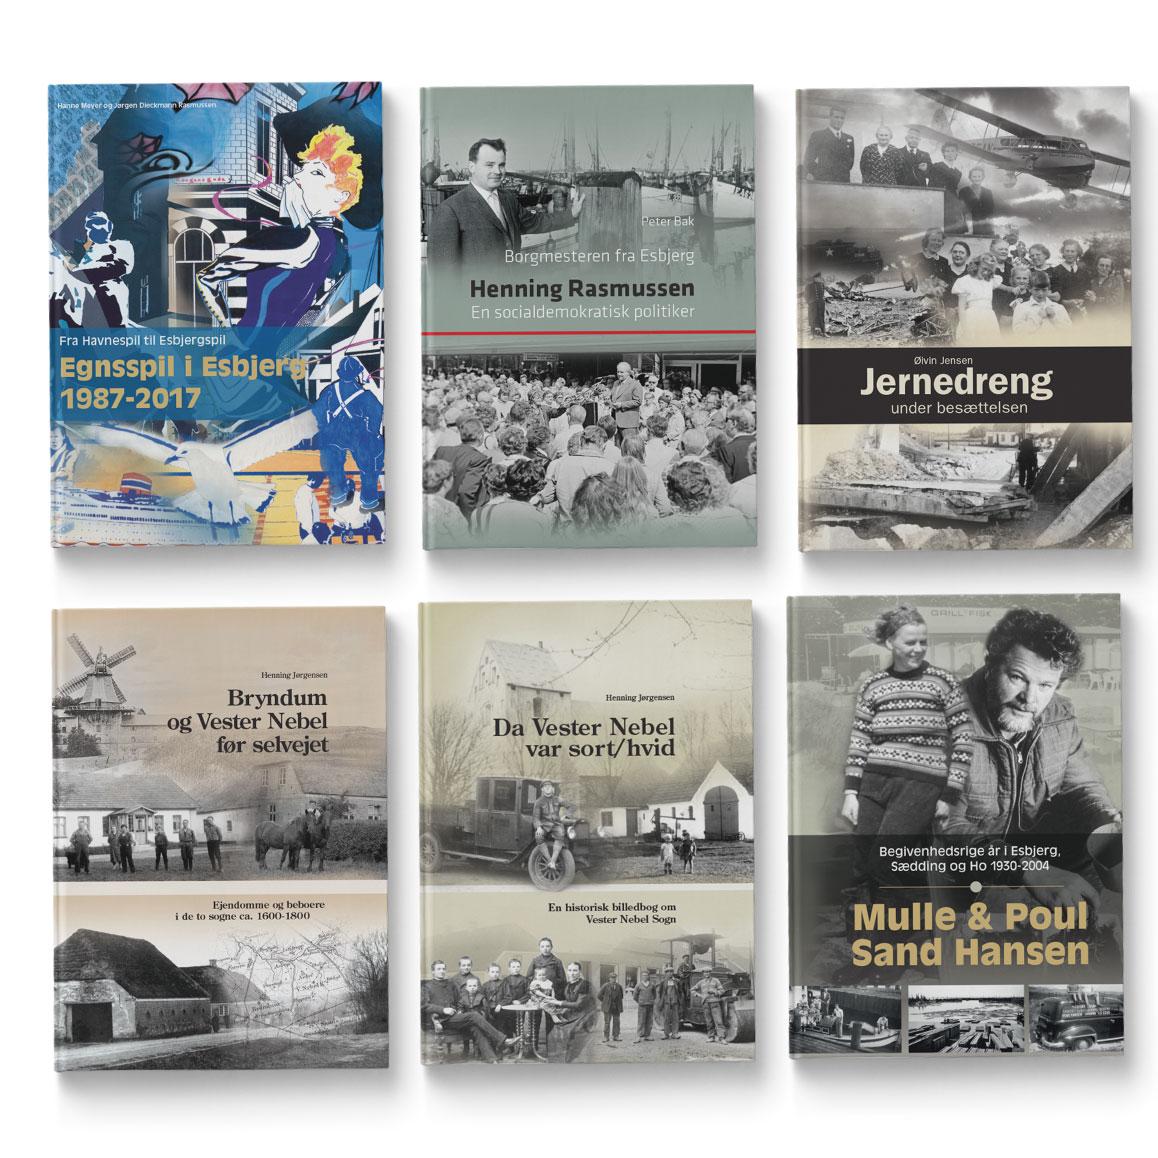 Henning Rasmussen-Egnsspil i Esbjerg- Jernedreng-bogproduktion - By Historisk Arkiv - Linda Kongerslev-Grafisk Design